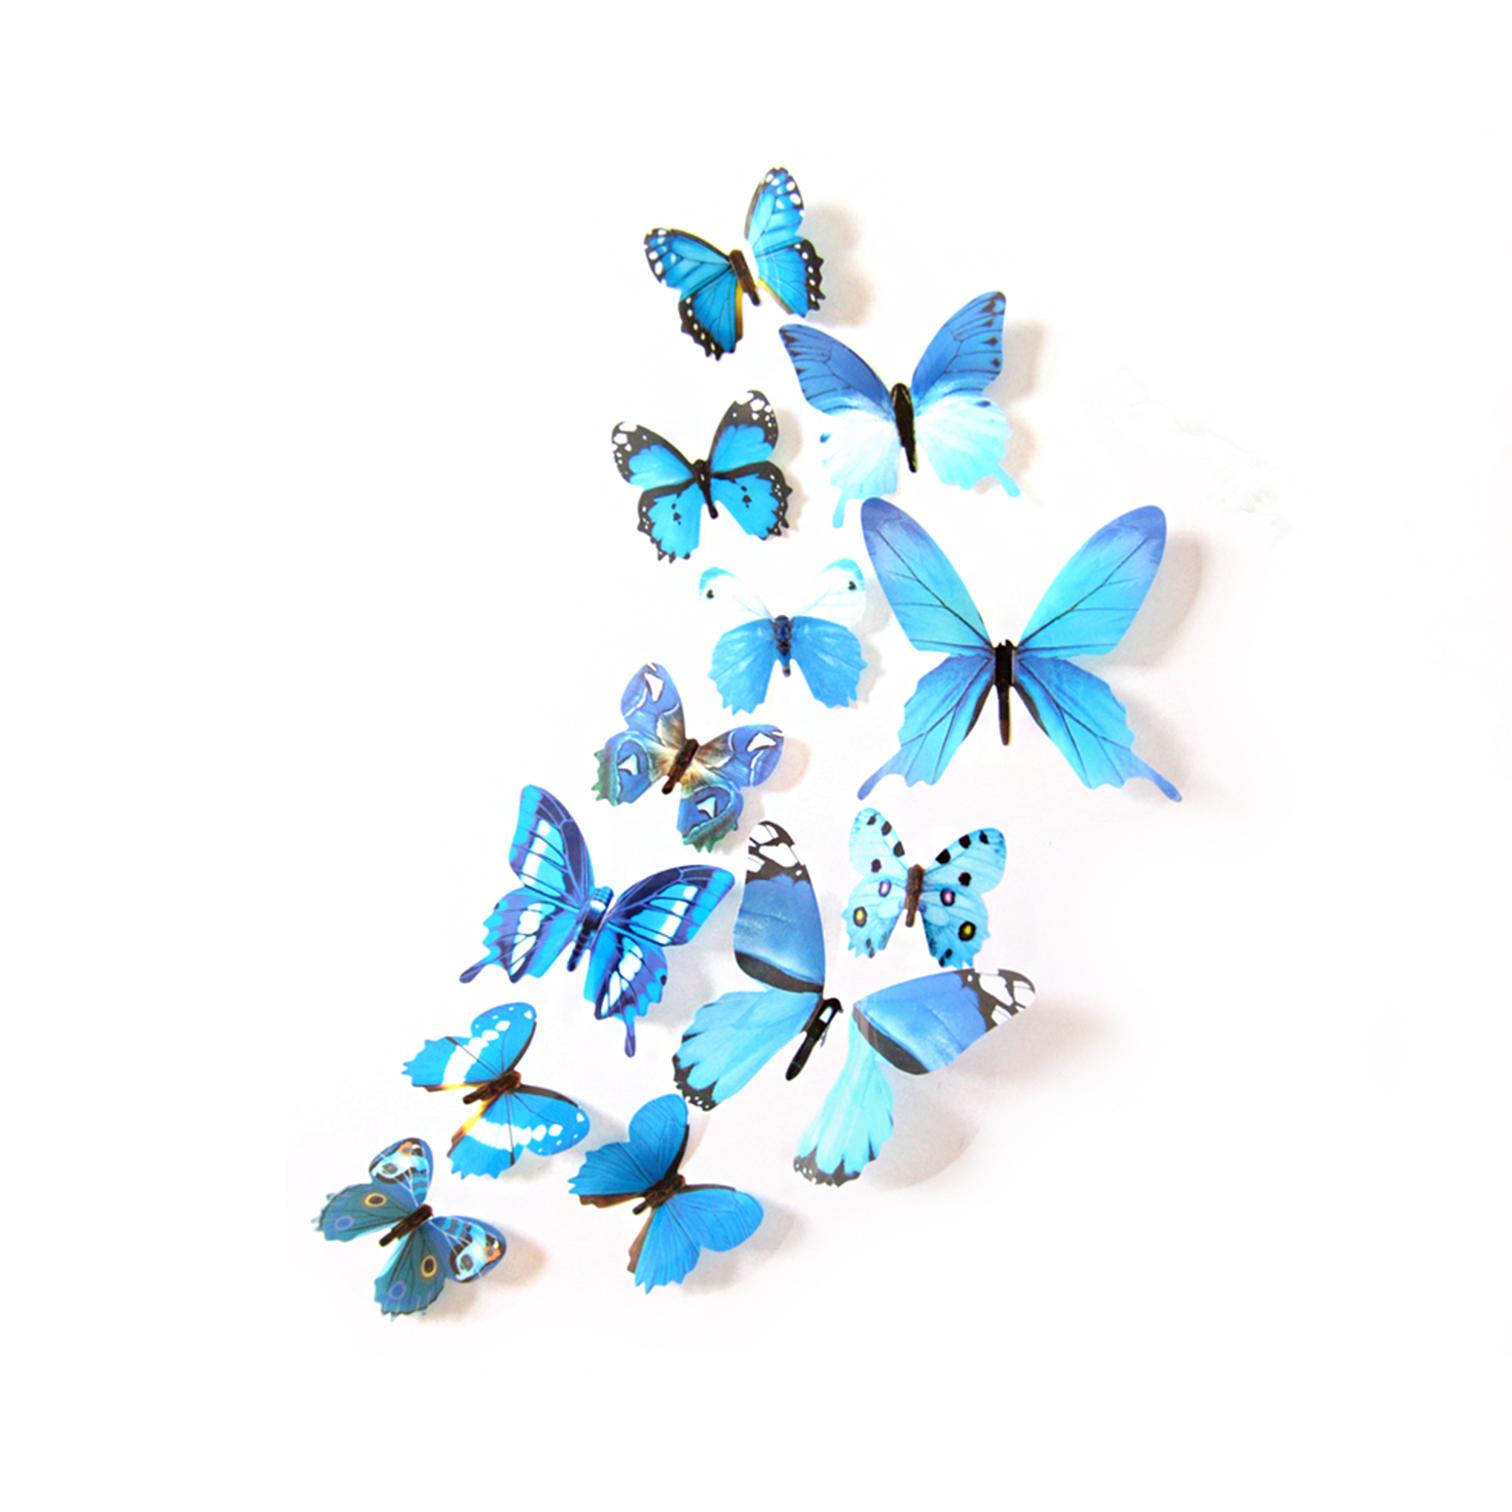 3D-Schmetterlinge-Blumen-12er-Set-Dekoration-Wandtattoo-Wandsticker-Wanddeko Indexbild 17